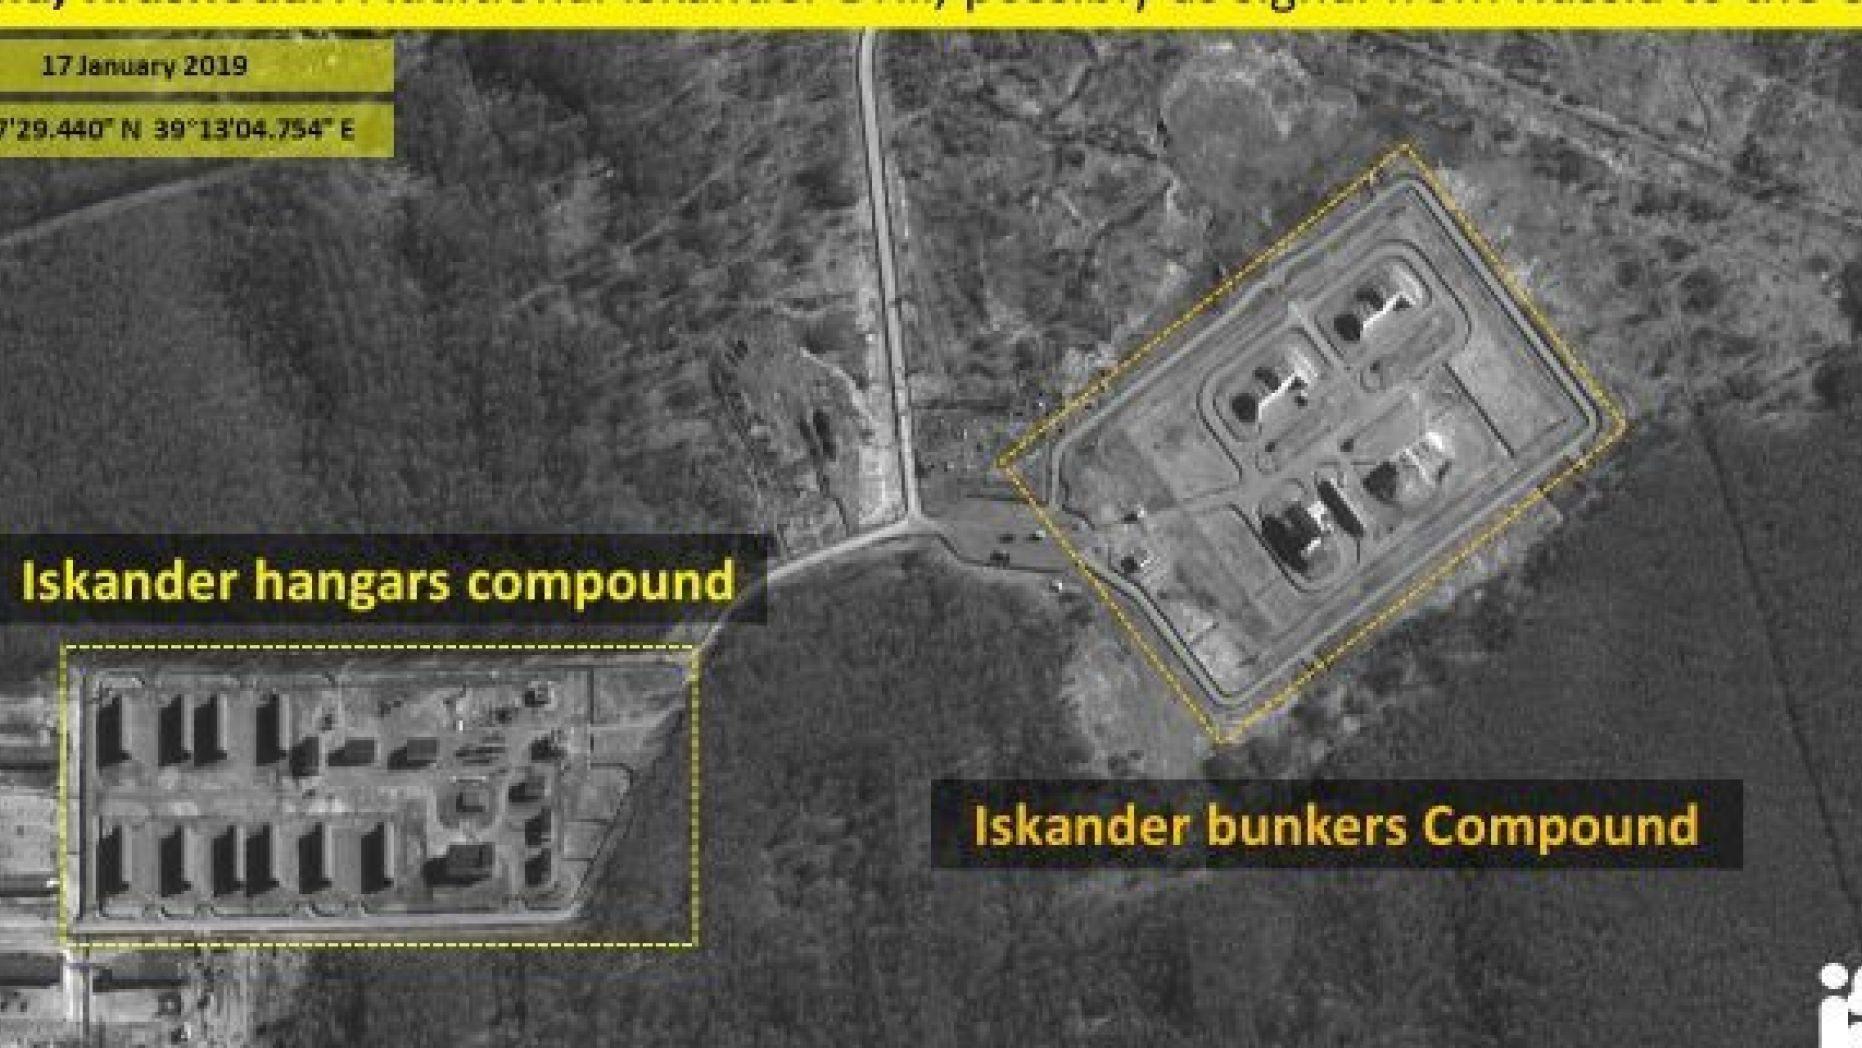 Imagini din satelit cu lansatoarele de rachete Iskander, în apropierea Mării Negre